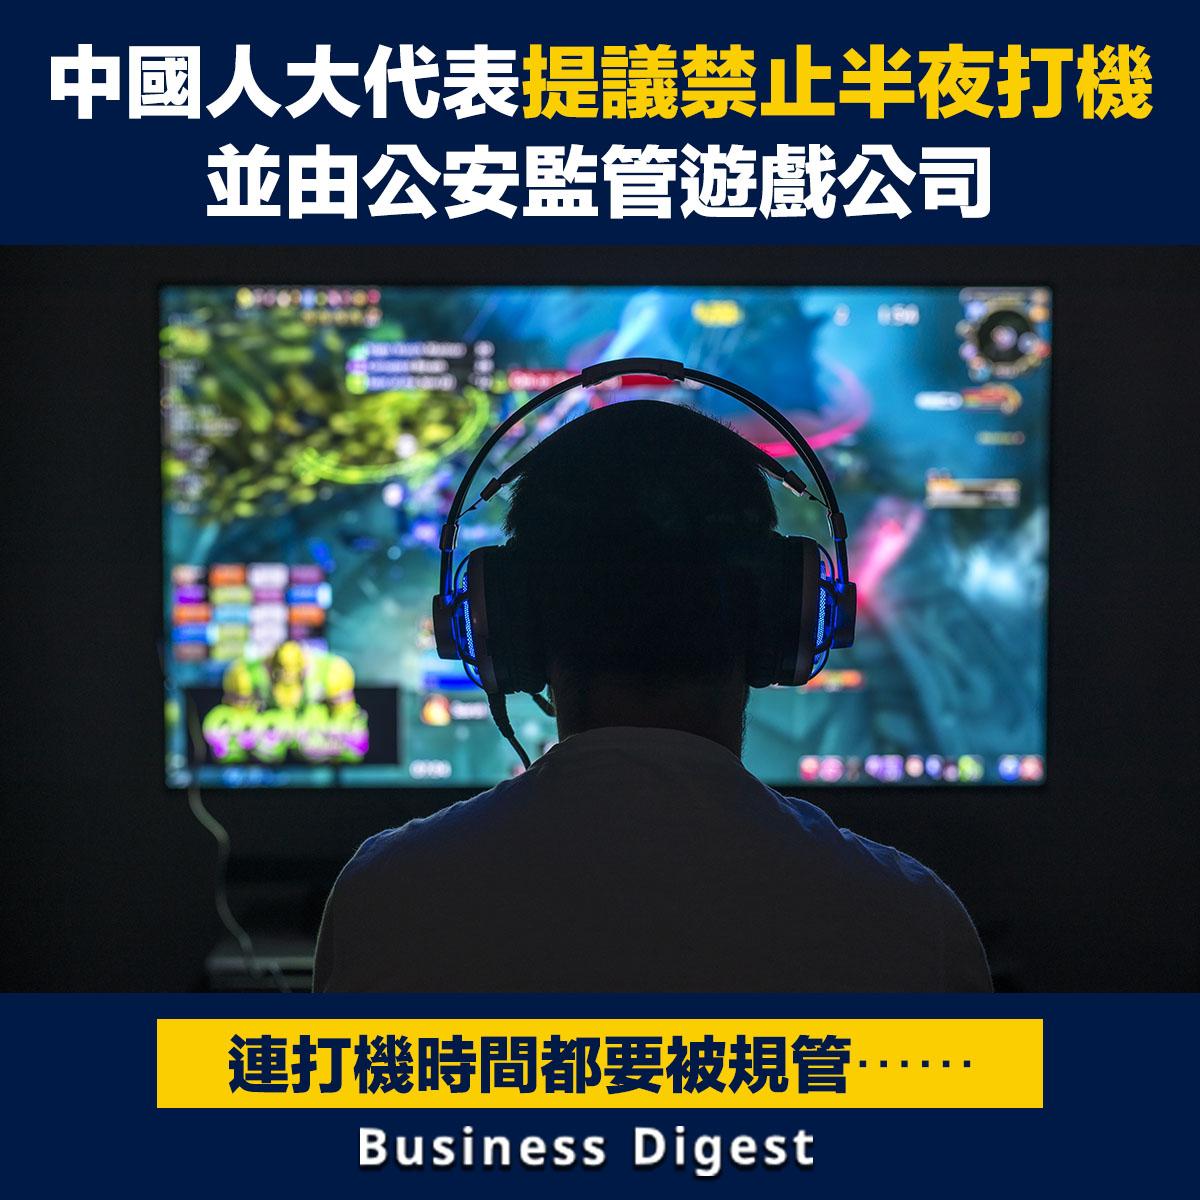 近日有中國人大代表提議為控制人民打機時間,未來應全面禁止玩家半夜打機